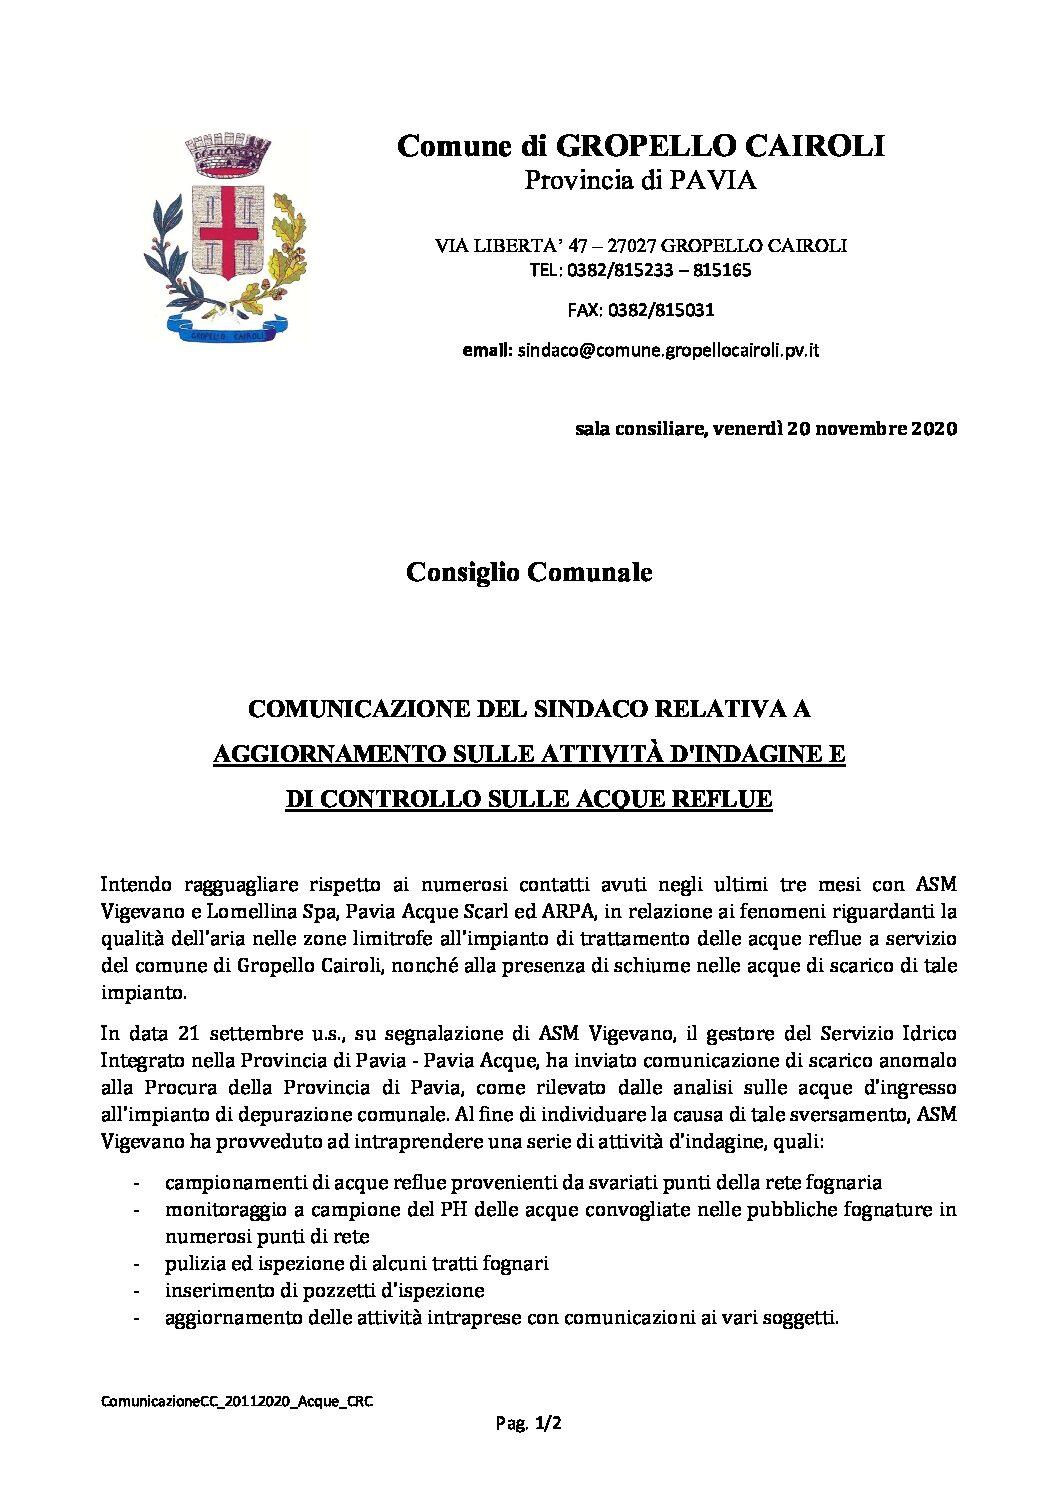 COMUNICAZIONE DEL SINDACO RELATIVA A AGGIORNAMENTO SULLE ATTIVITÀ D'INDAGINE E  DI CONTROLLO SULLE ACQUE REFLUE